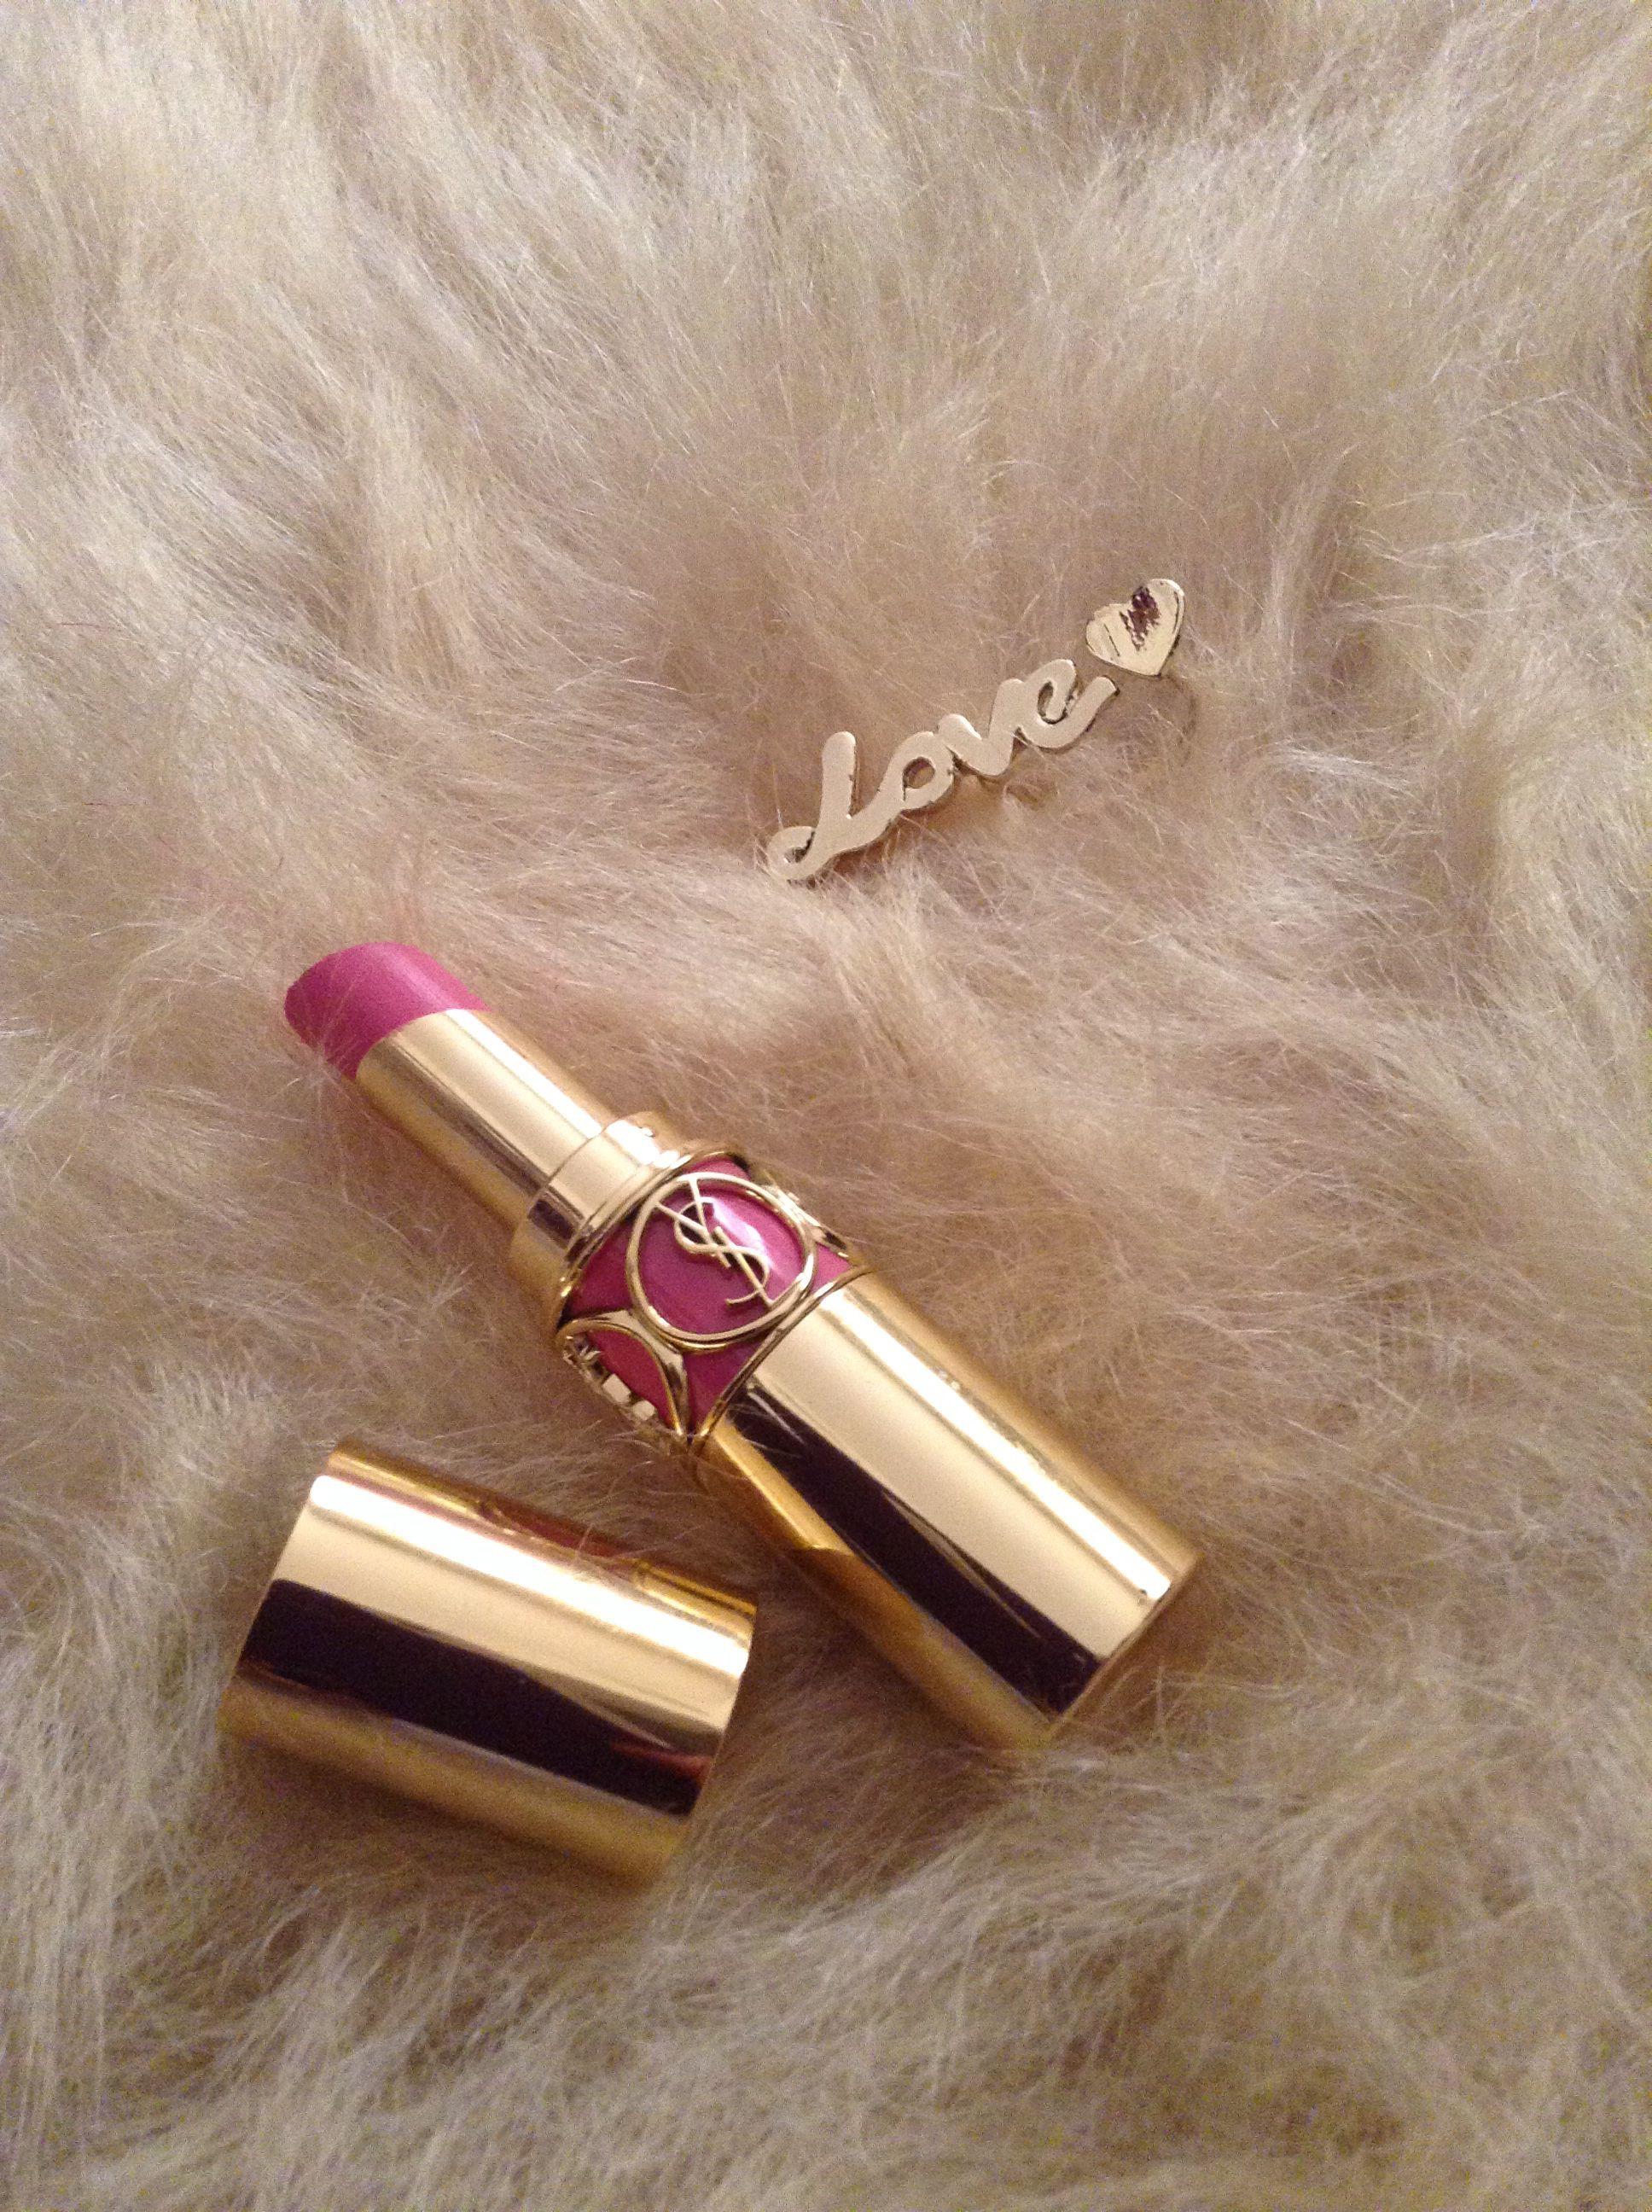 Ysl rouge volupte pink lipstick creamy lips winter luxury